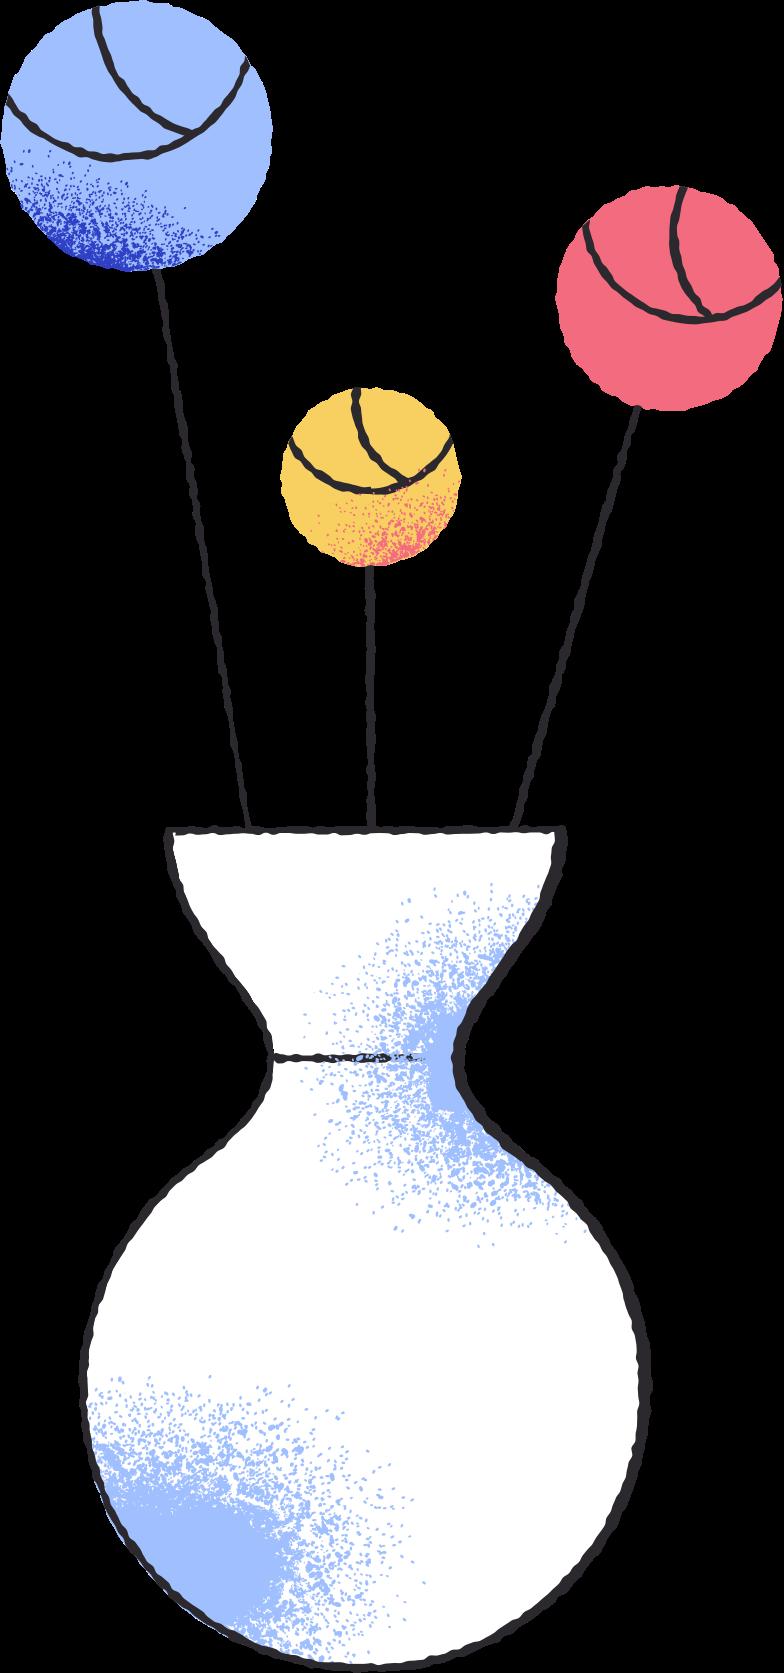 roses in vase Clipart illustration in PNG, SVG